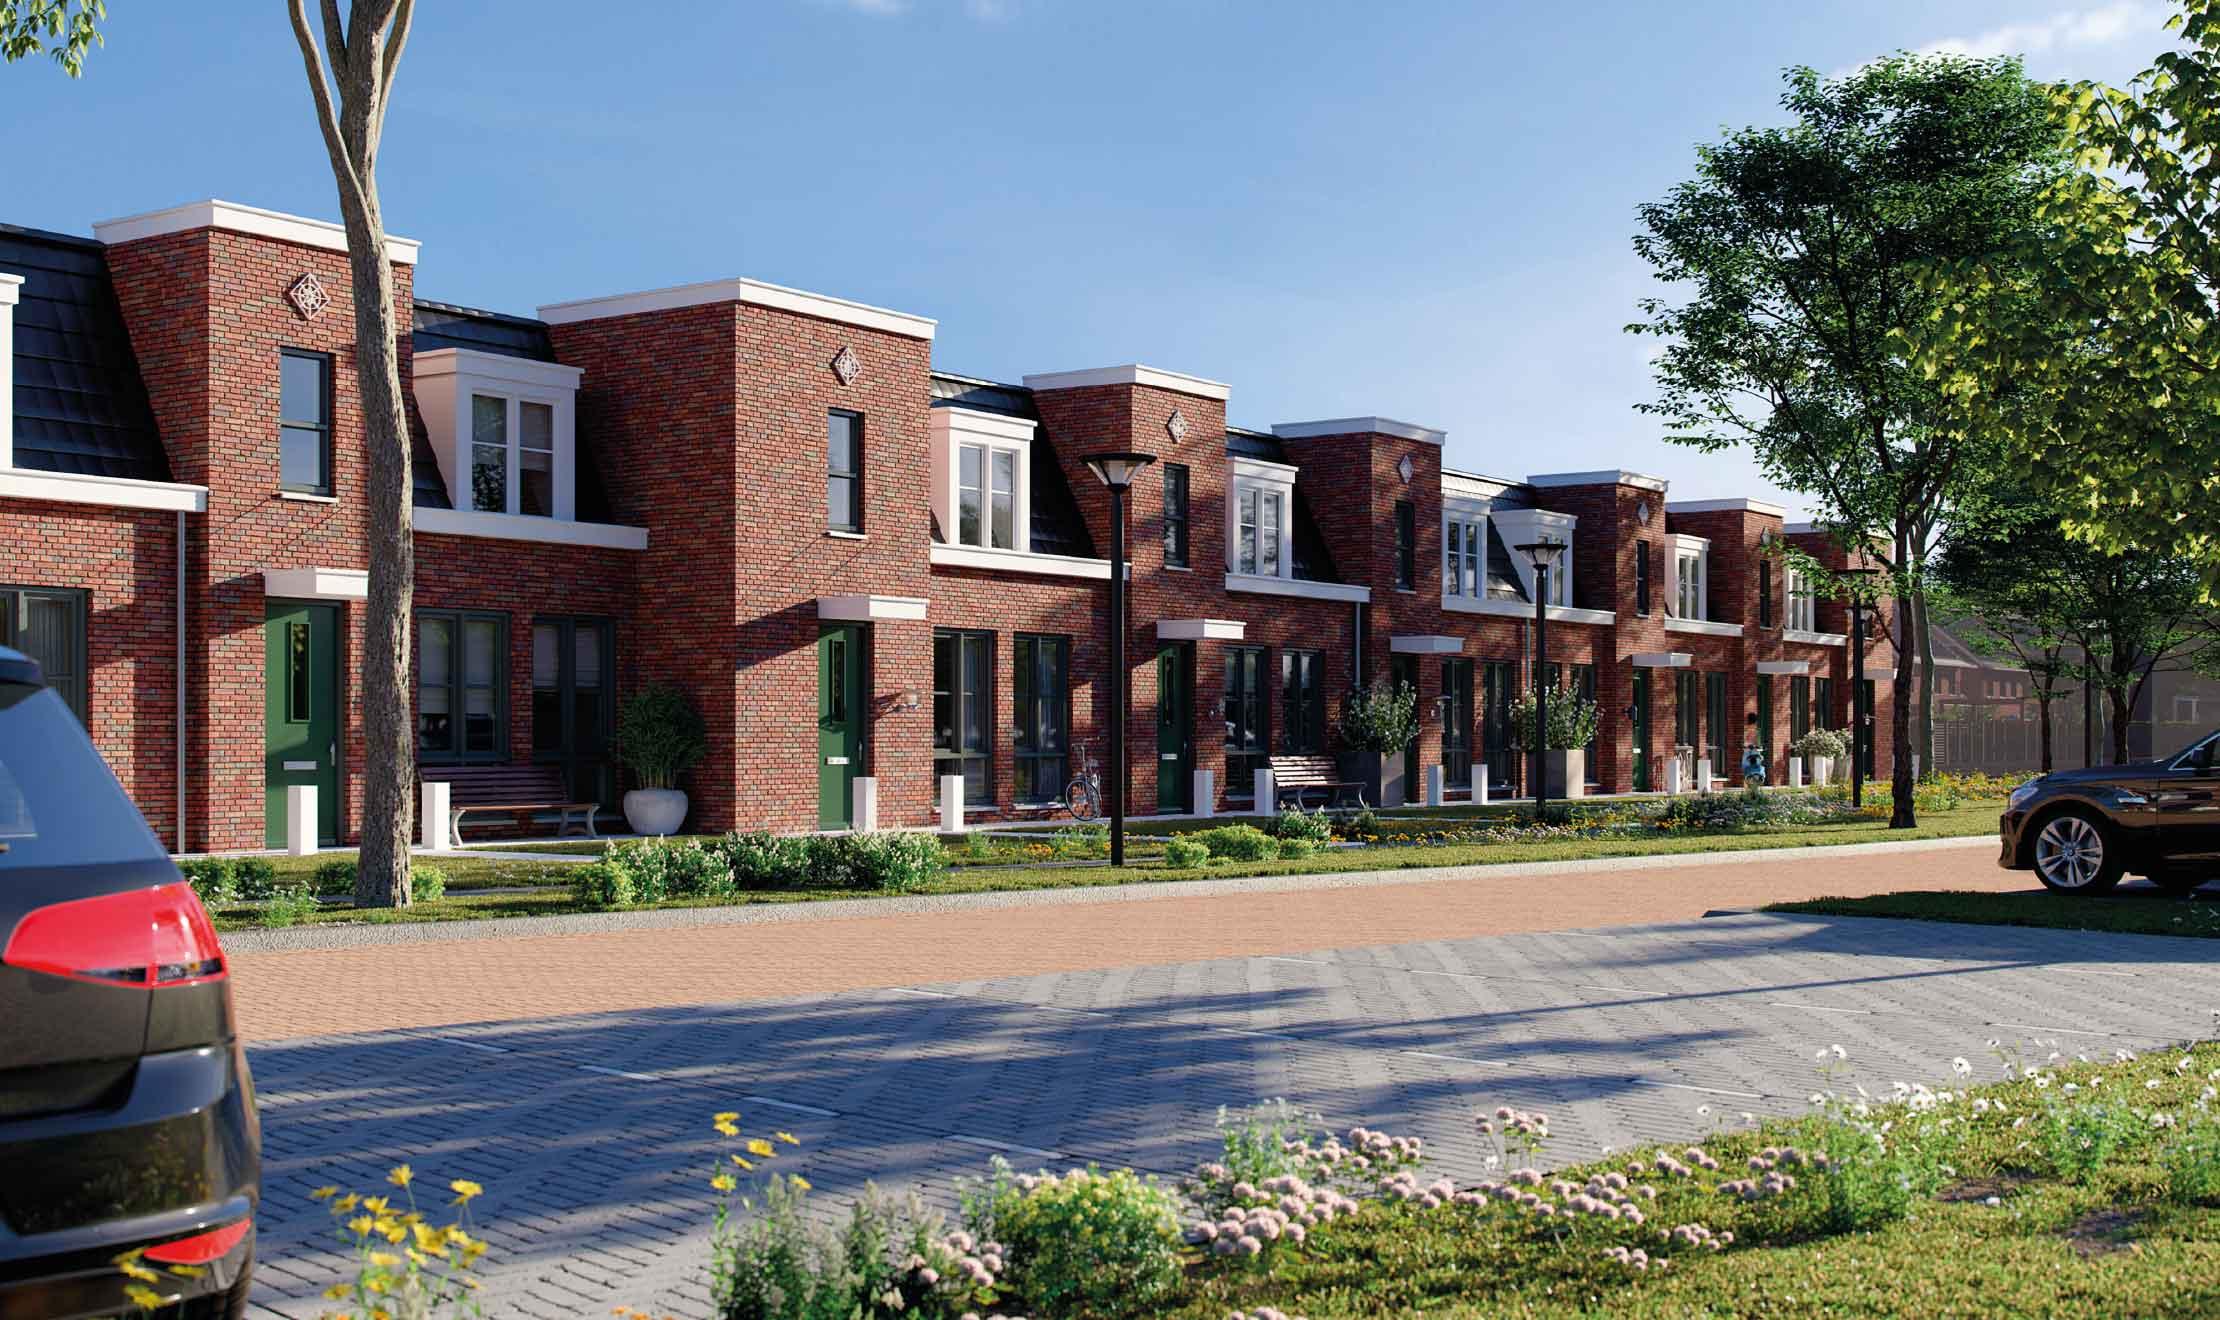 Impressies van de buurt Bos&Weide